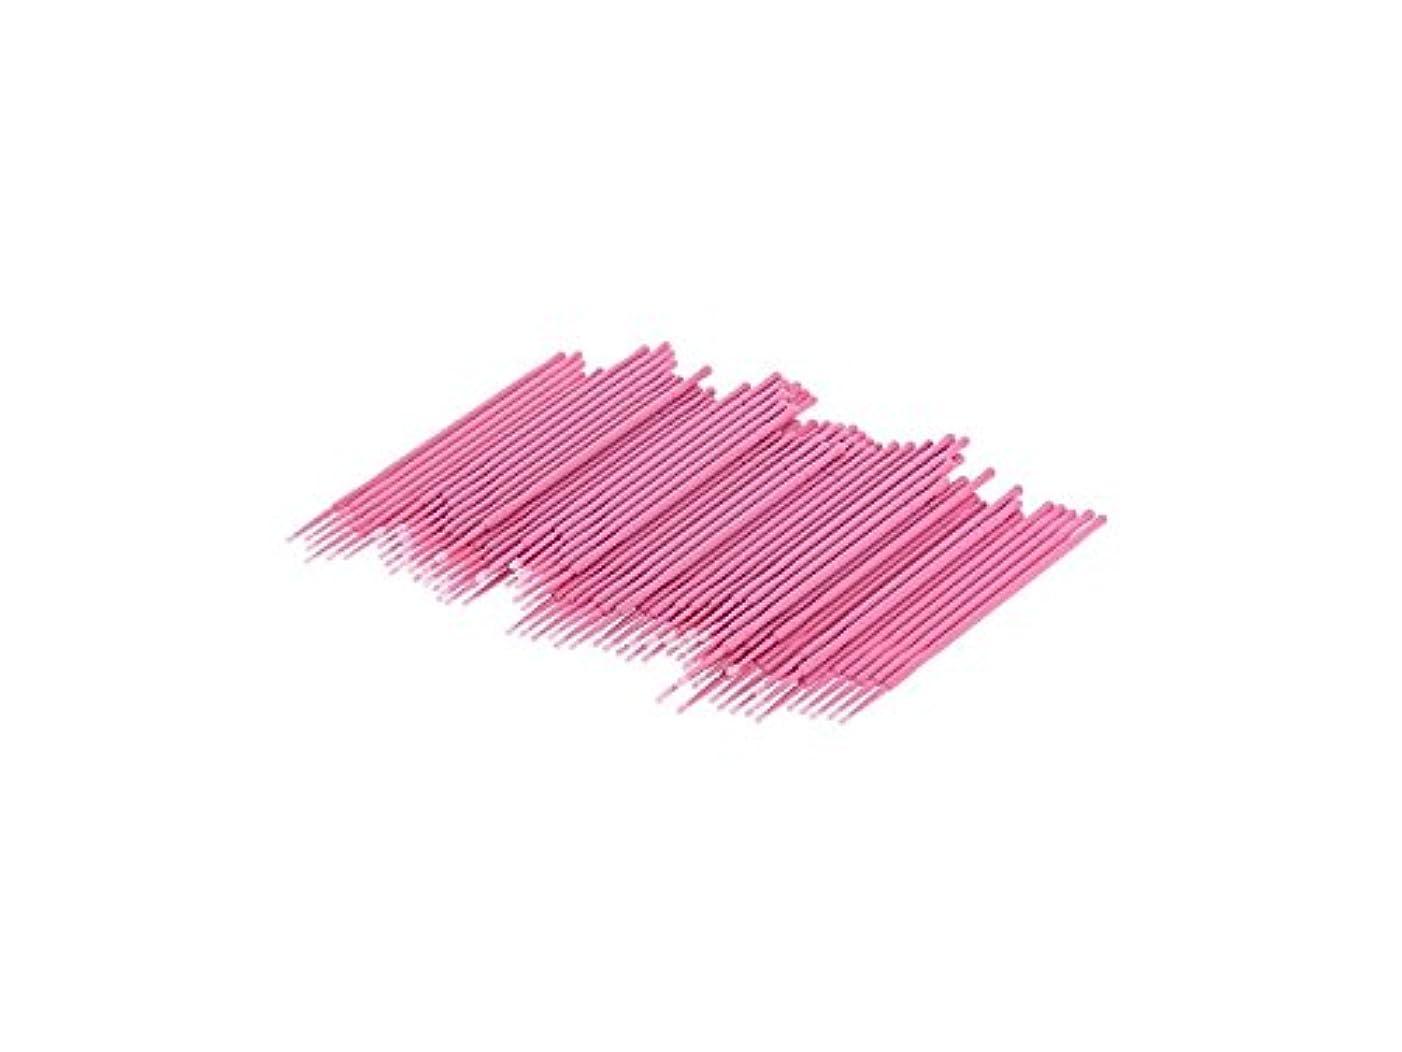 フレット履歴書バーターOside 約入れ墨のメイクアップ耳のスワブのための100個の綿綿棒使い捨てプラスチックハンドル